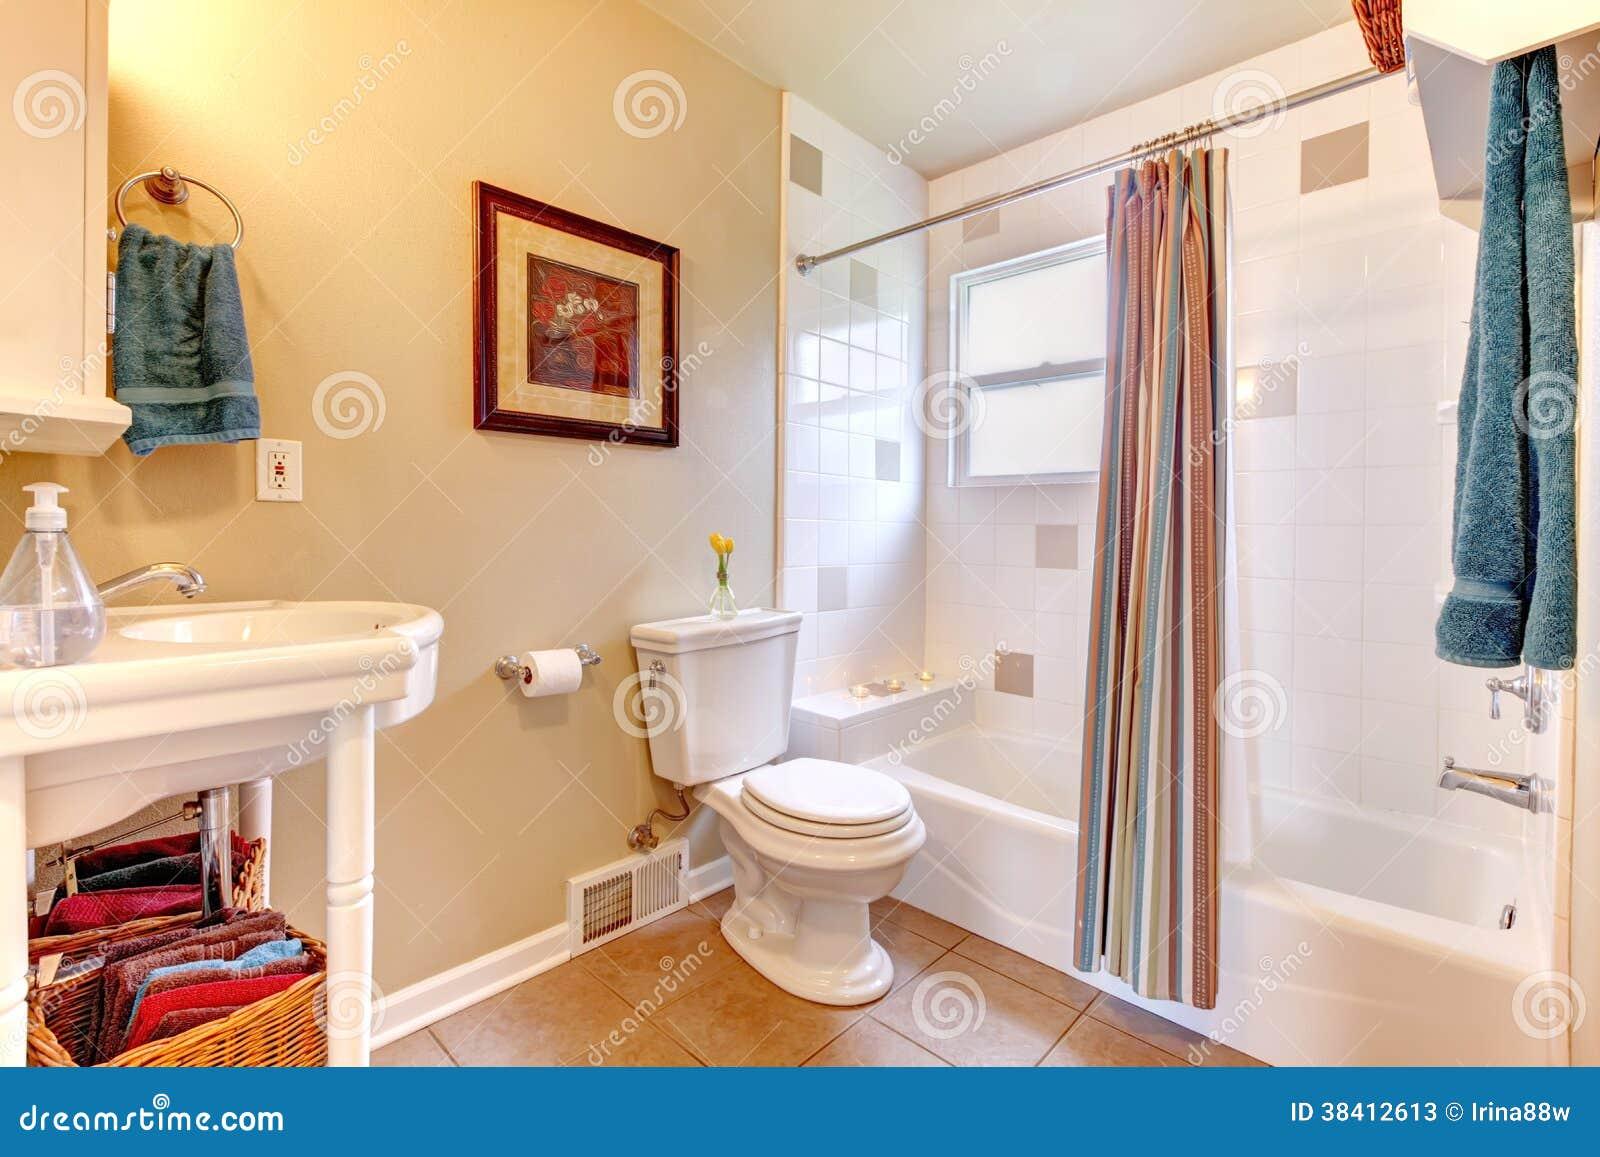 Banheiro De Refrescamento Com Cuba Branca E O Assoalho De Telha Bege  #AB2620 1300x957 Banheiro Bege Com Cuba Branca